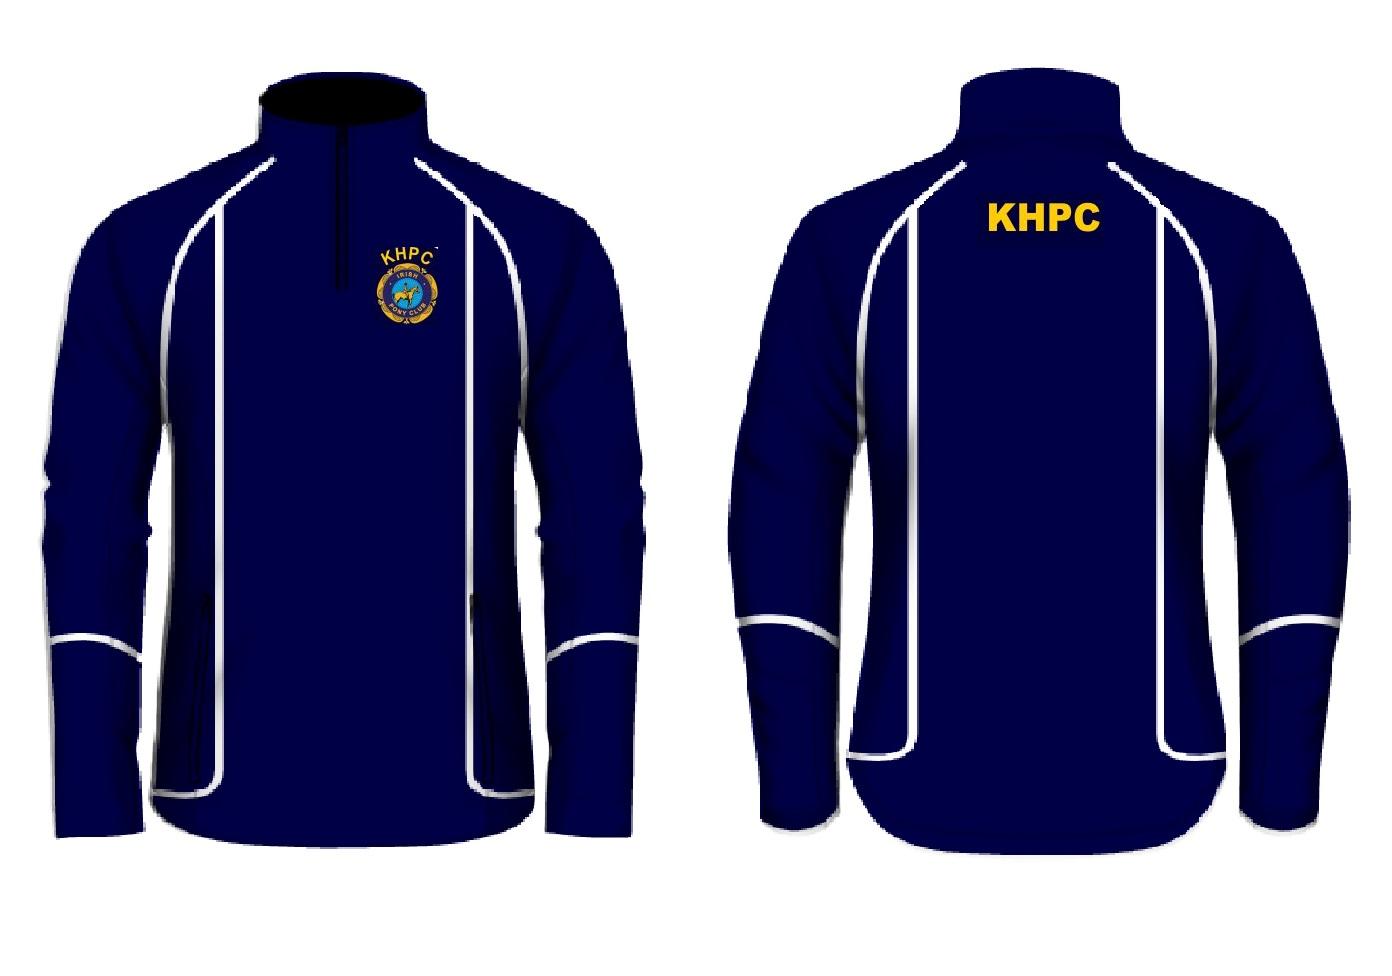 KHPC 1/2 zip Navy Top 2021